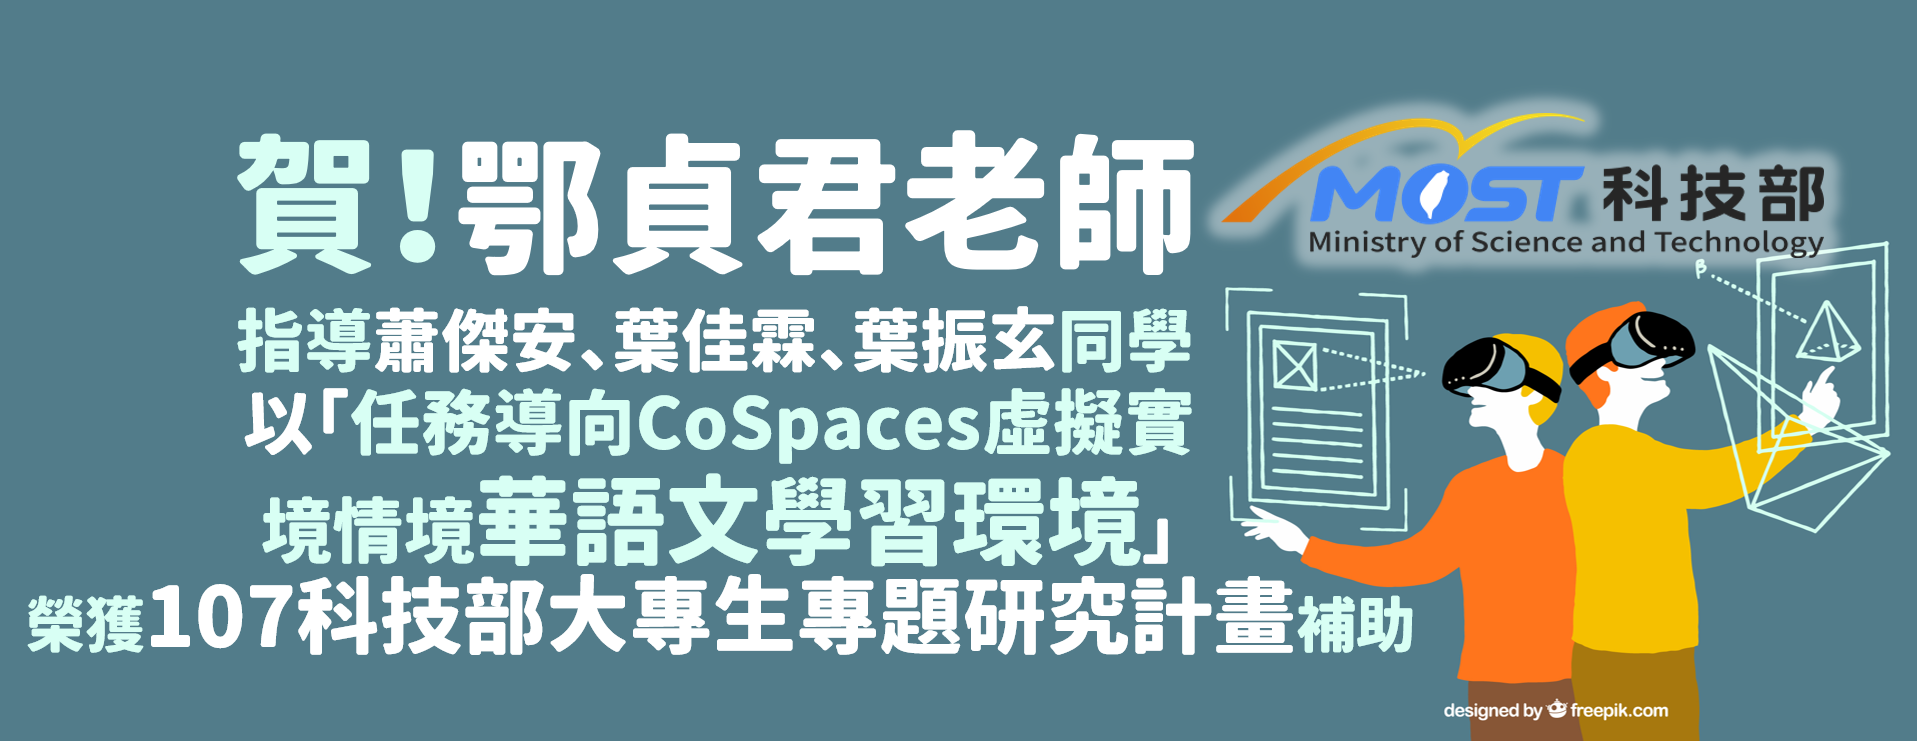 恭賀本系鄂貞君老師指導蕭傑安、葉佳霖、葉振玄同學 以「任務導向CoSpaces虛擬實境情境華語文學習環境」 榮獲107科技部大專生專題研究計畫補助